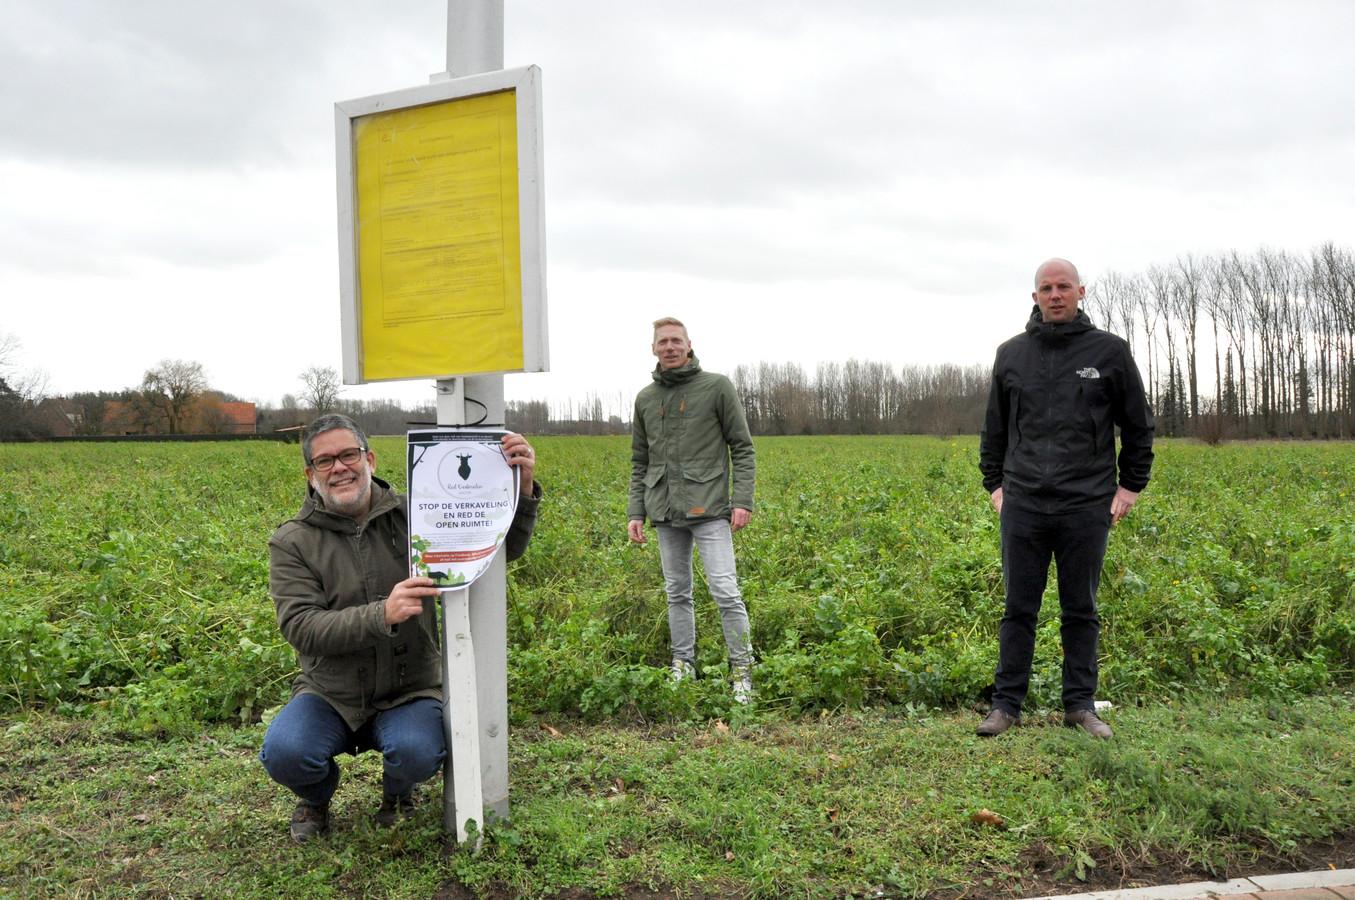 Gie Van den Eeckhaut, Jurgen Van Eeghem en Diedrik Snoek van Red Oostmolen, bij de verkavelingsaanvraag.